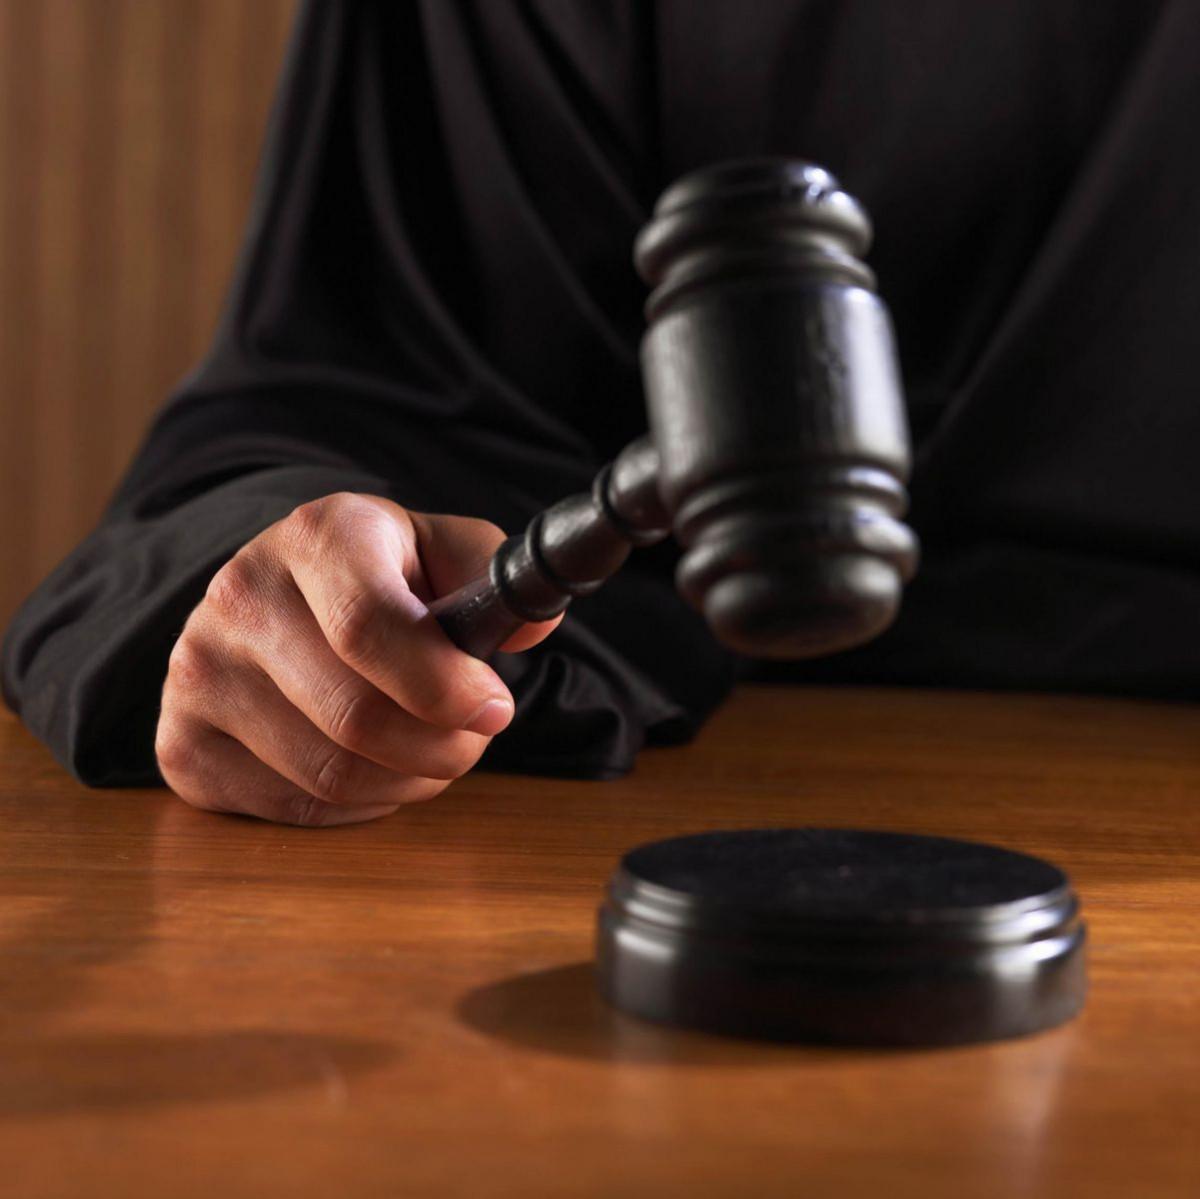 Кузбассовец осужден за насильственные действия сексуального характера в отношении малолетних дочерей сожительницы